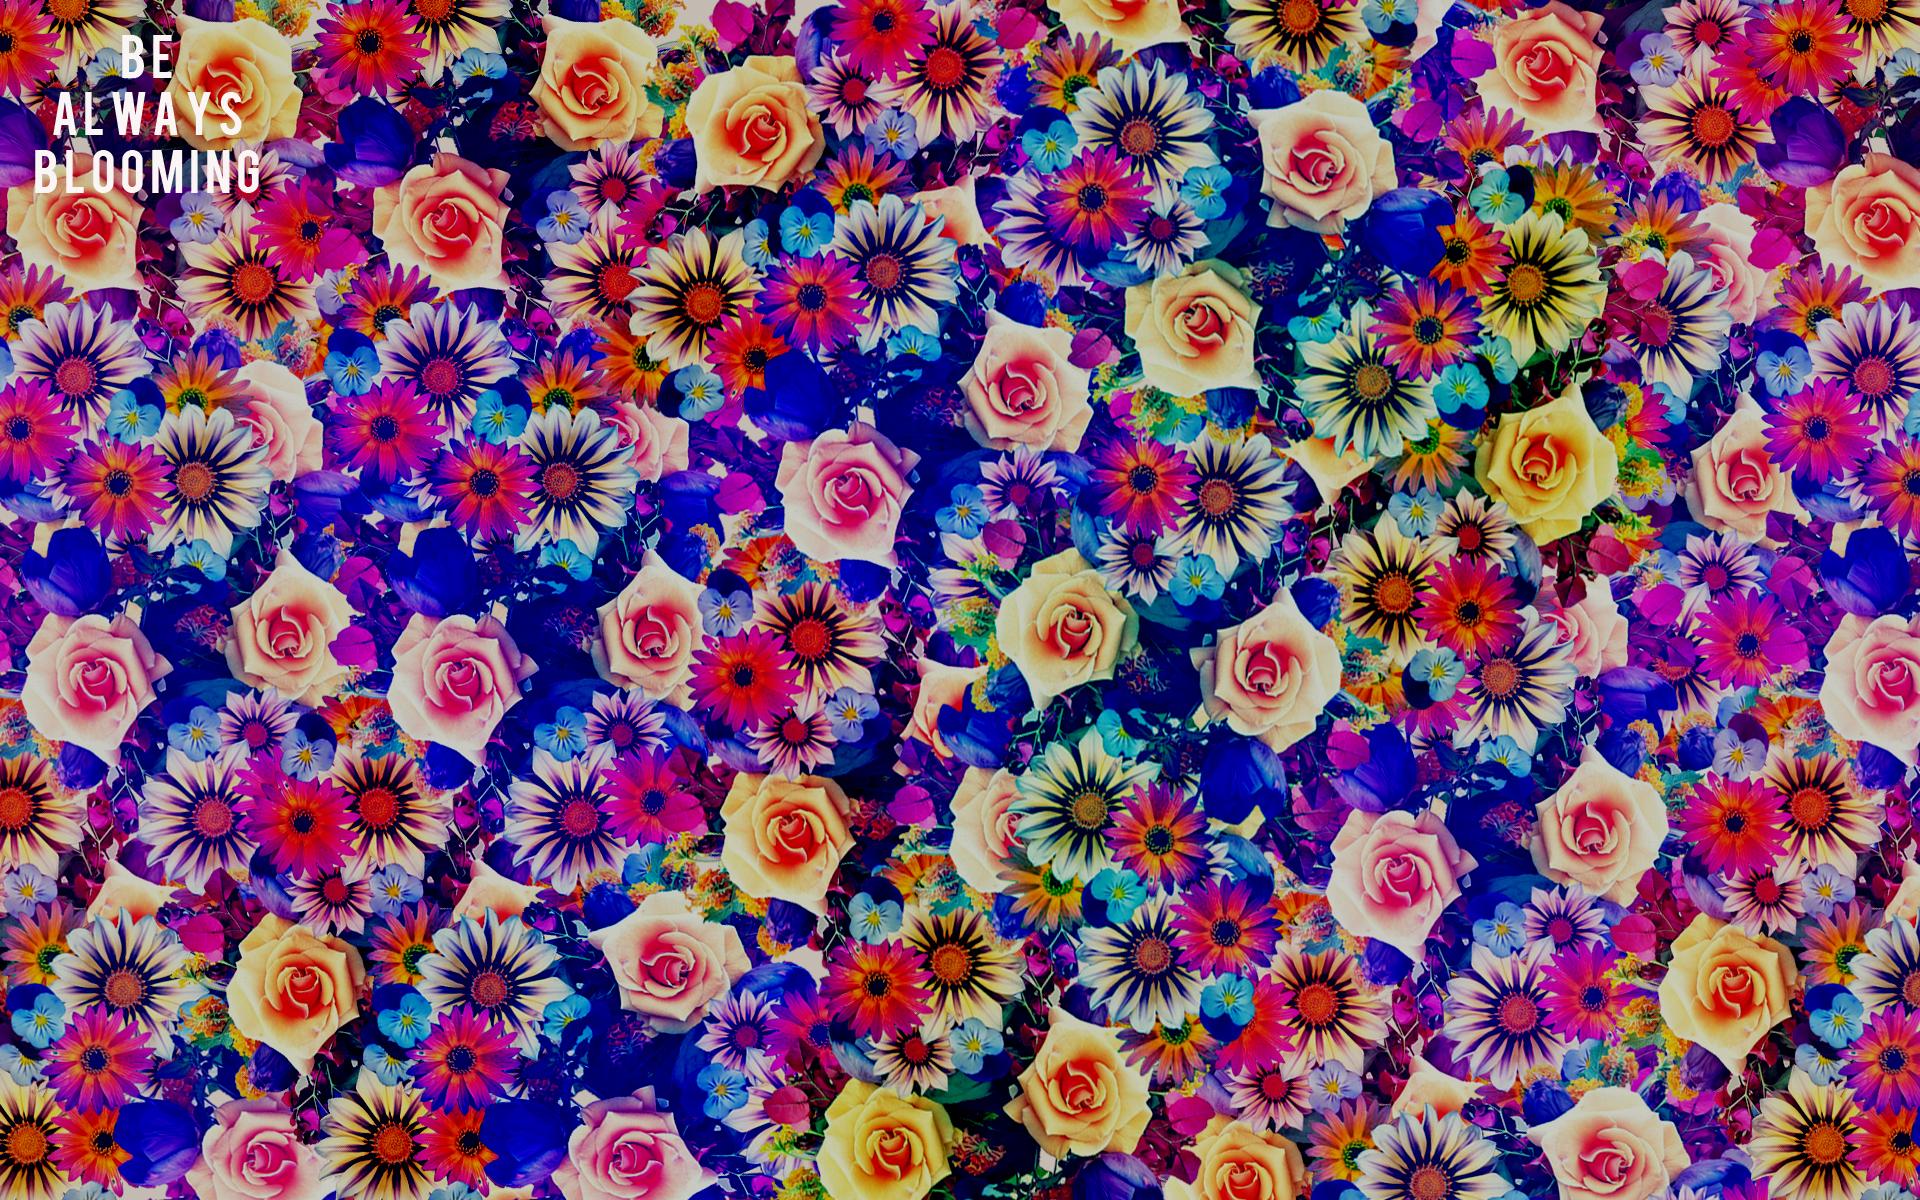 Be Always Blooming